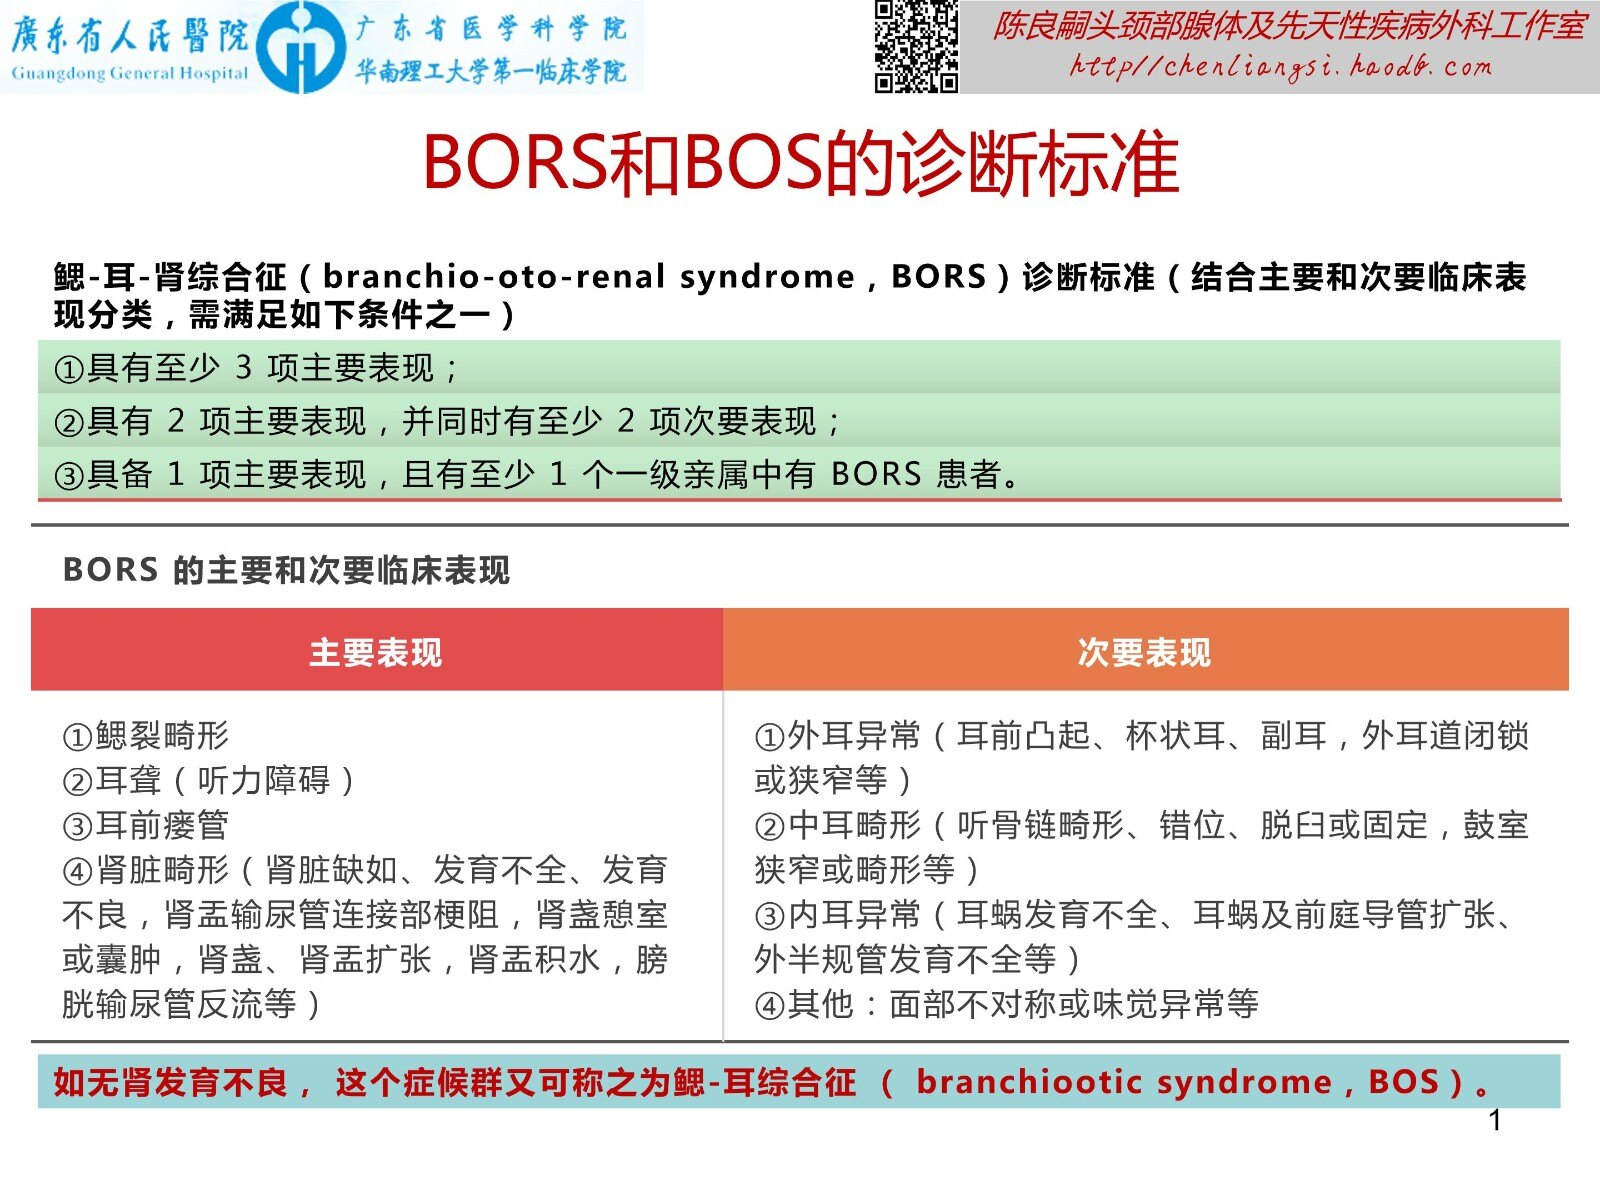 202009-鳃-耳-肾综合征及鳃耳综合征病例图片_01.jpg